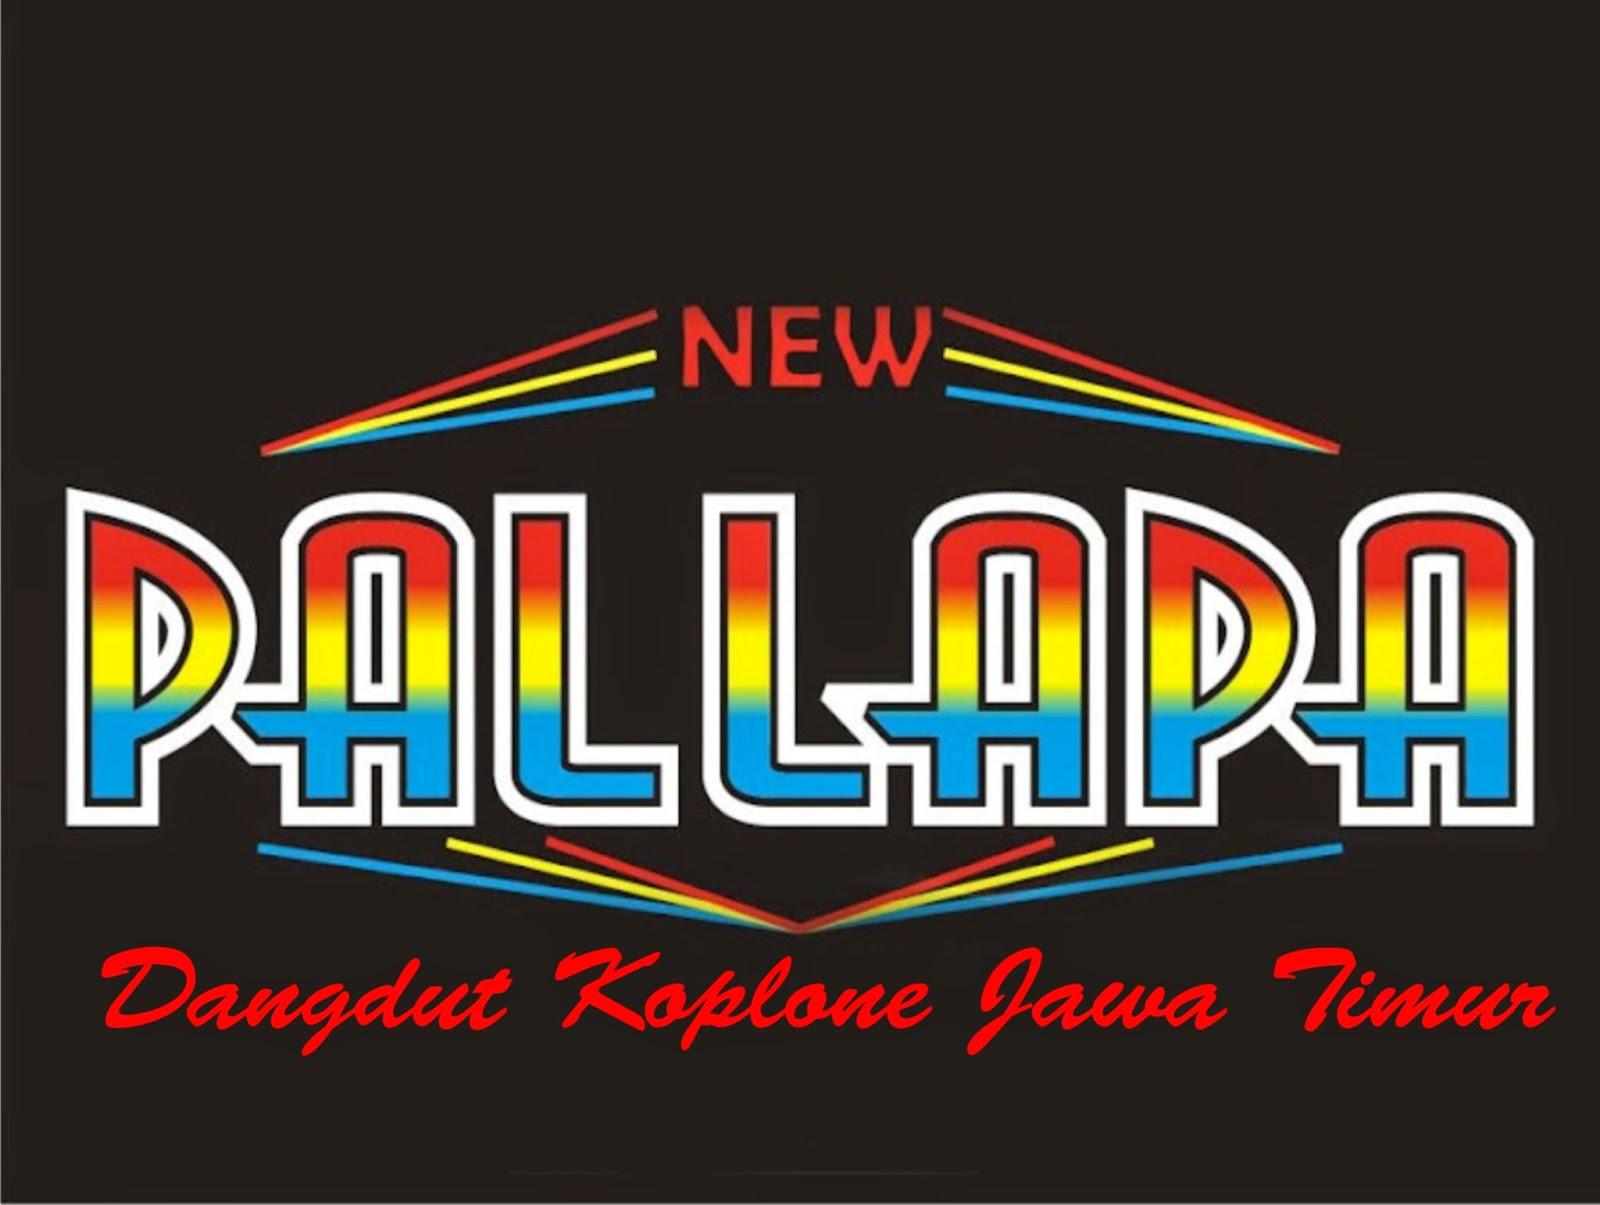 Download Dangdut Koplo Terbaru Loro Ati - Devi Aldiva - New ...